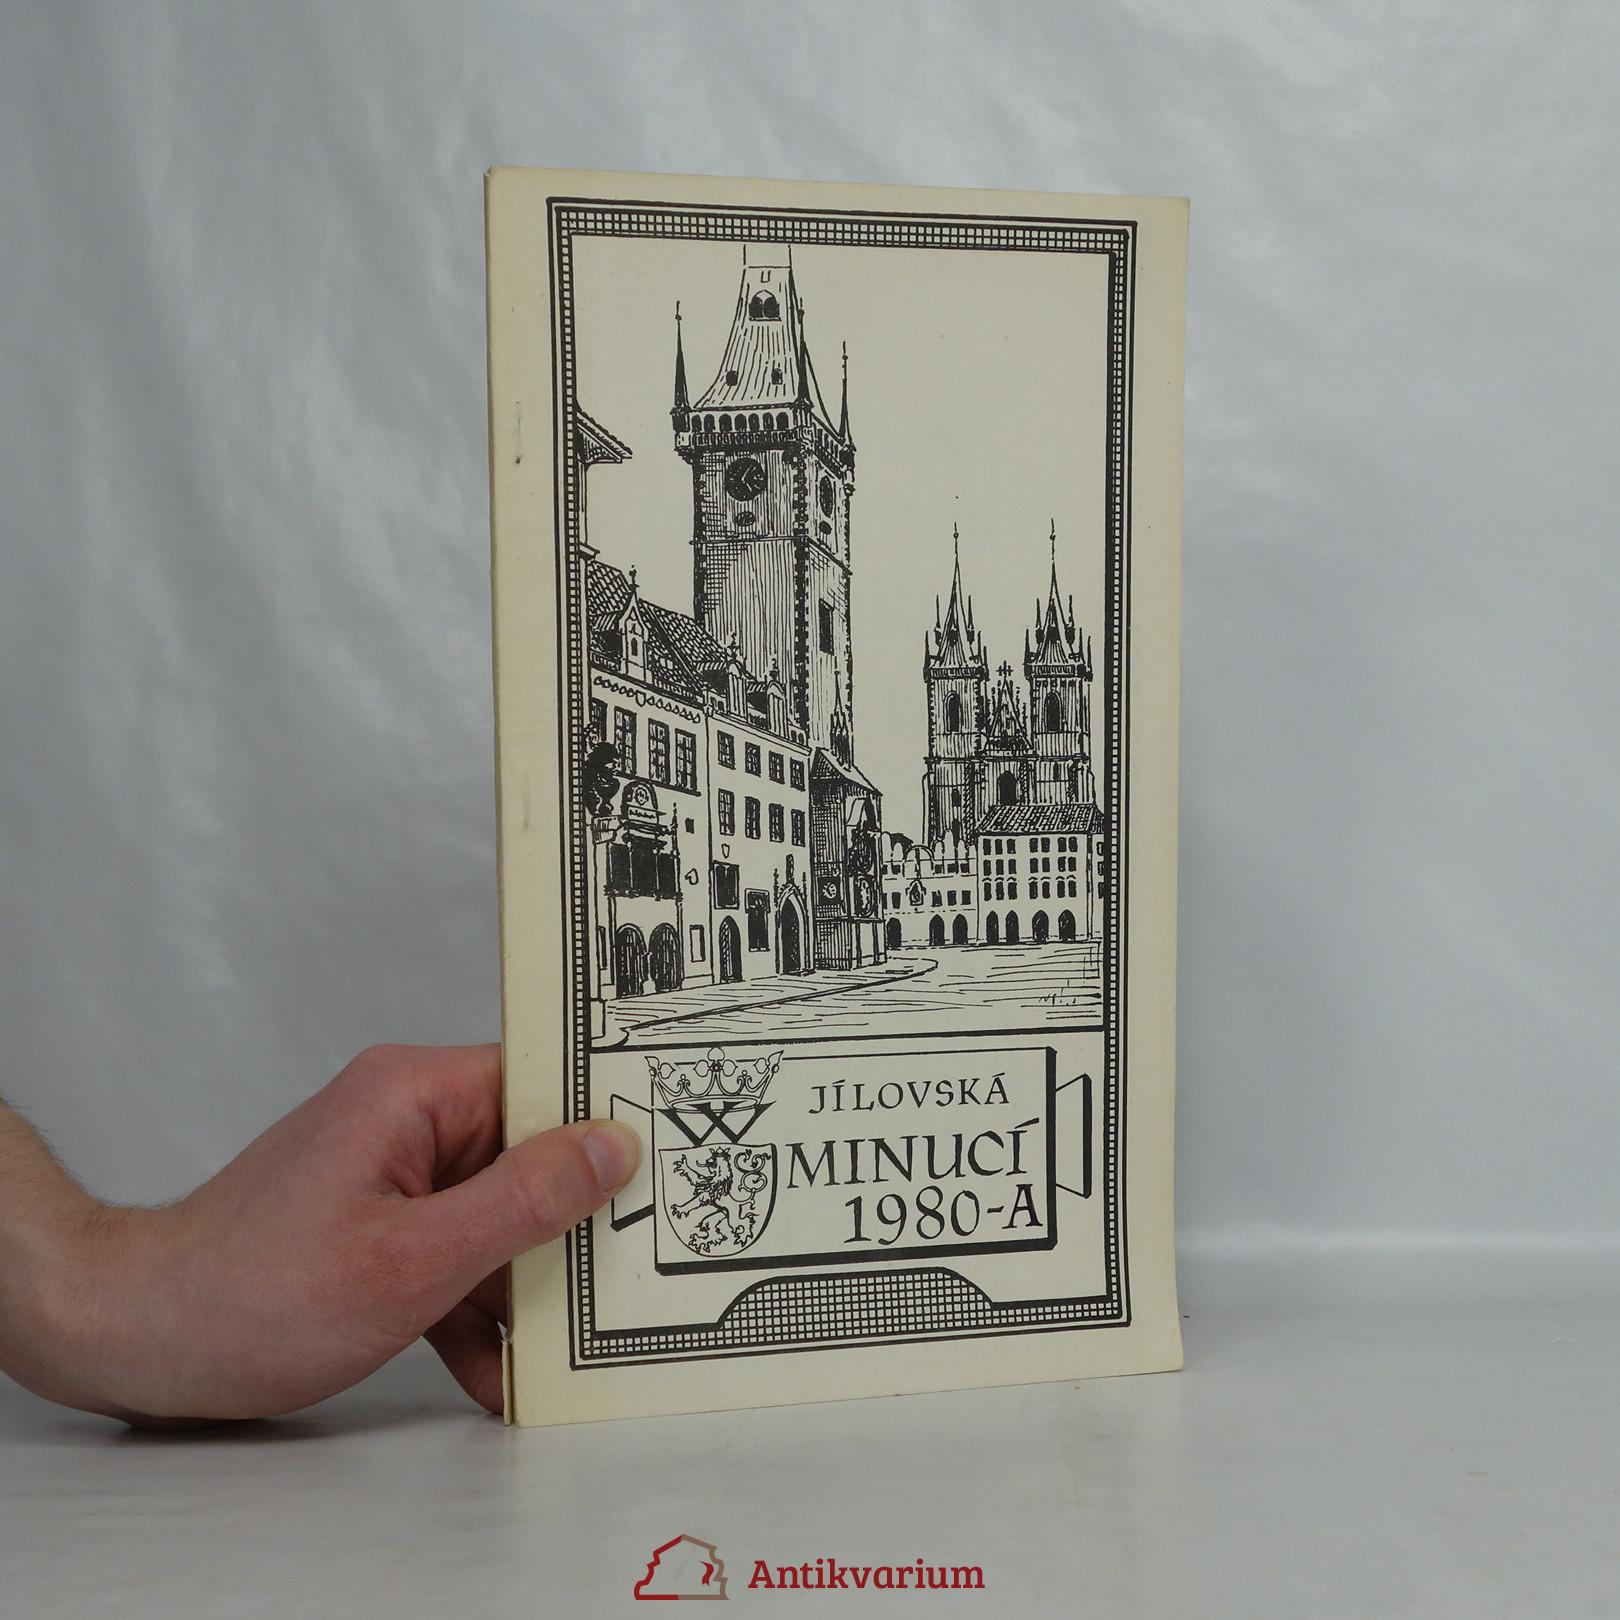 antikvární kniha Jílovská minucí 1980-A, neuveden